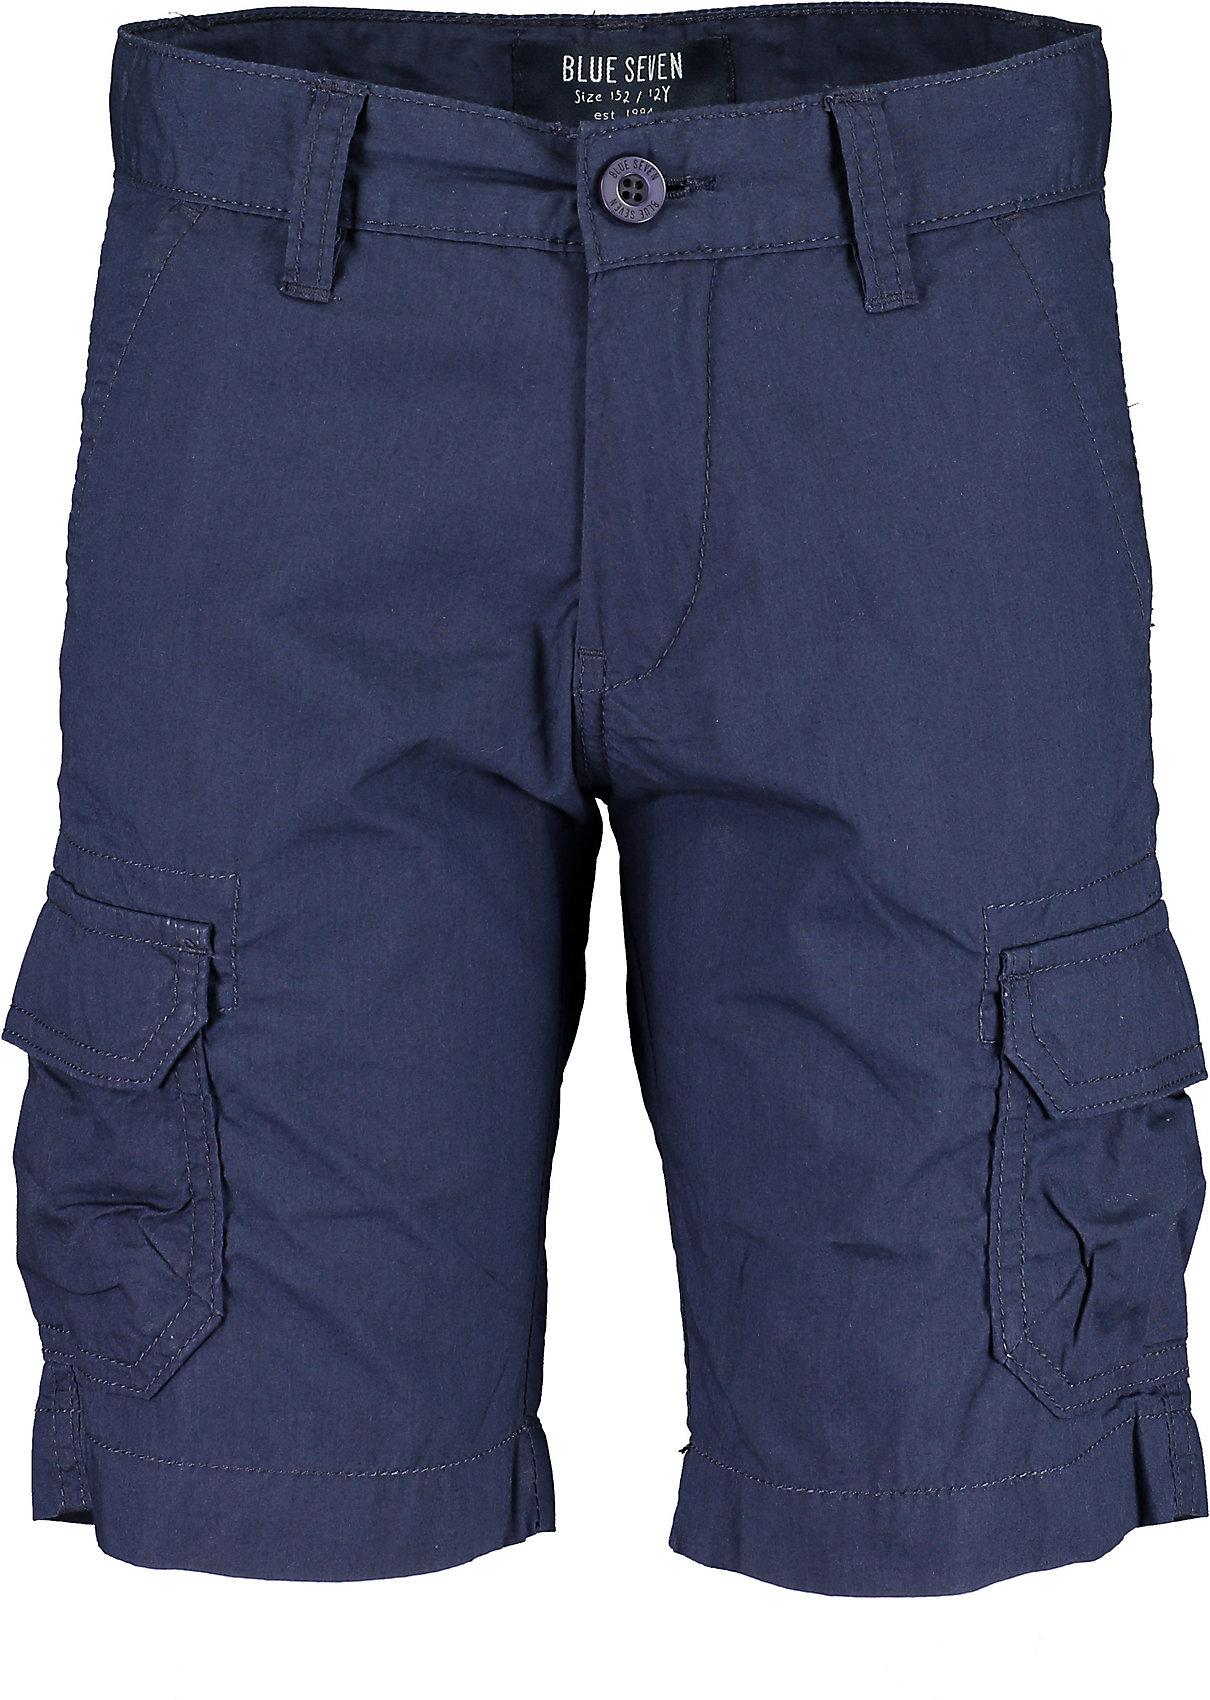 Neu BLUE SEVEN Cargoshorts für Jungen 13856849 für Jungen blau